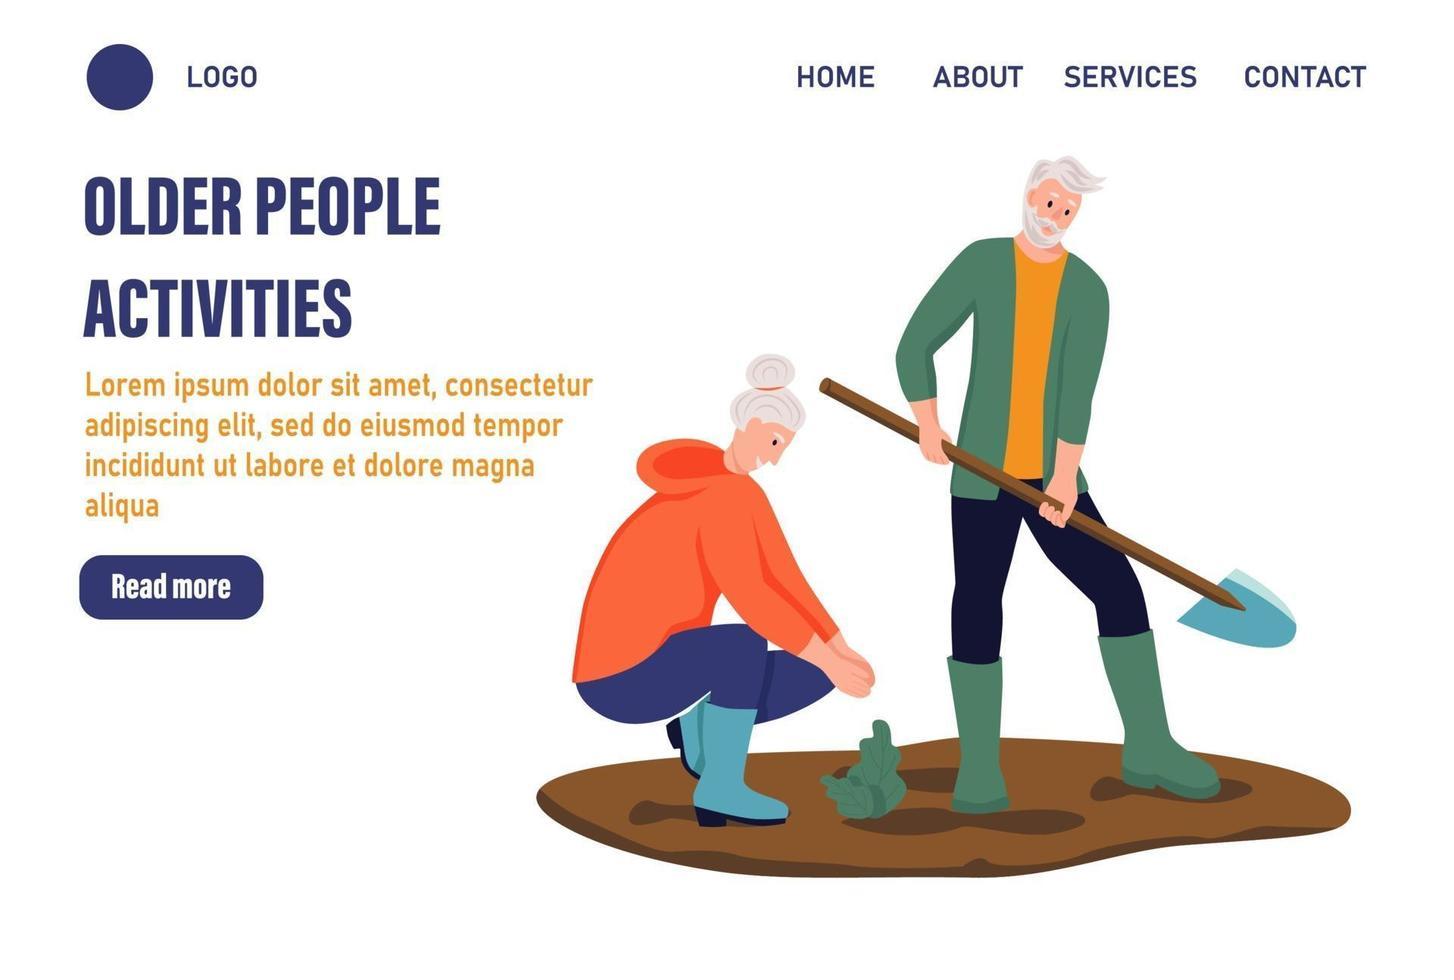 modelo de página de atividades para pessoas mais velhas. um casal de idosos trabalhando no jardim. o conceito de velhice ativa. dia do idoso. ilustração vetorial plana vetor